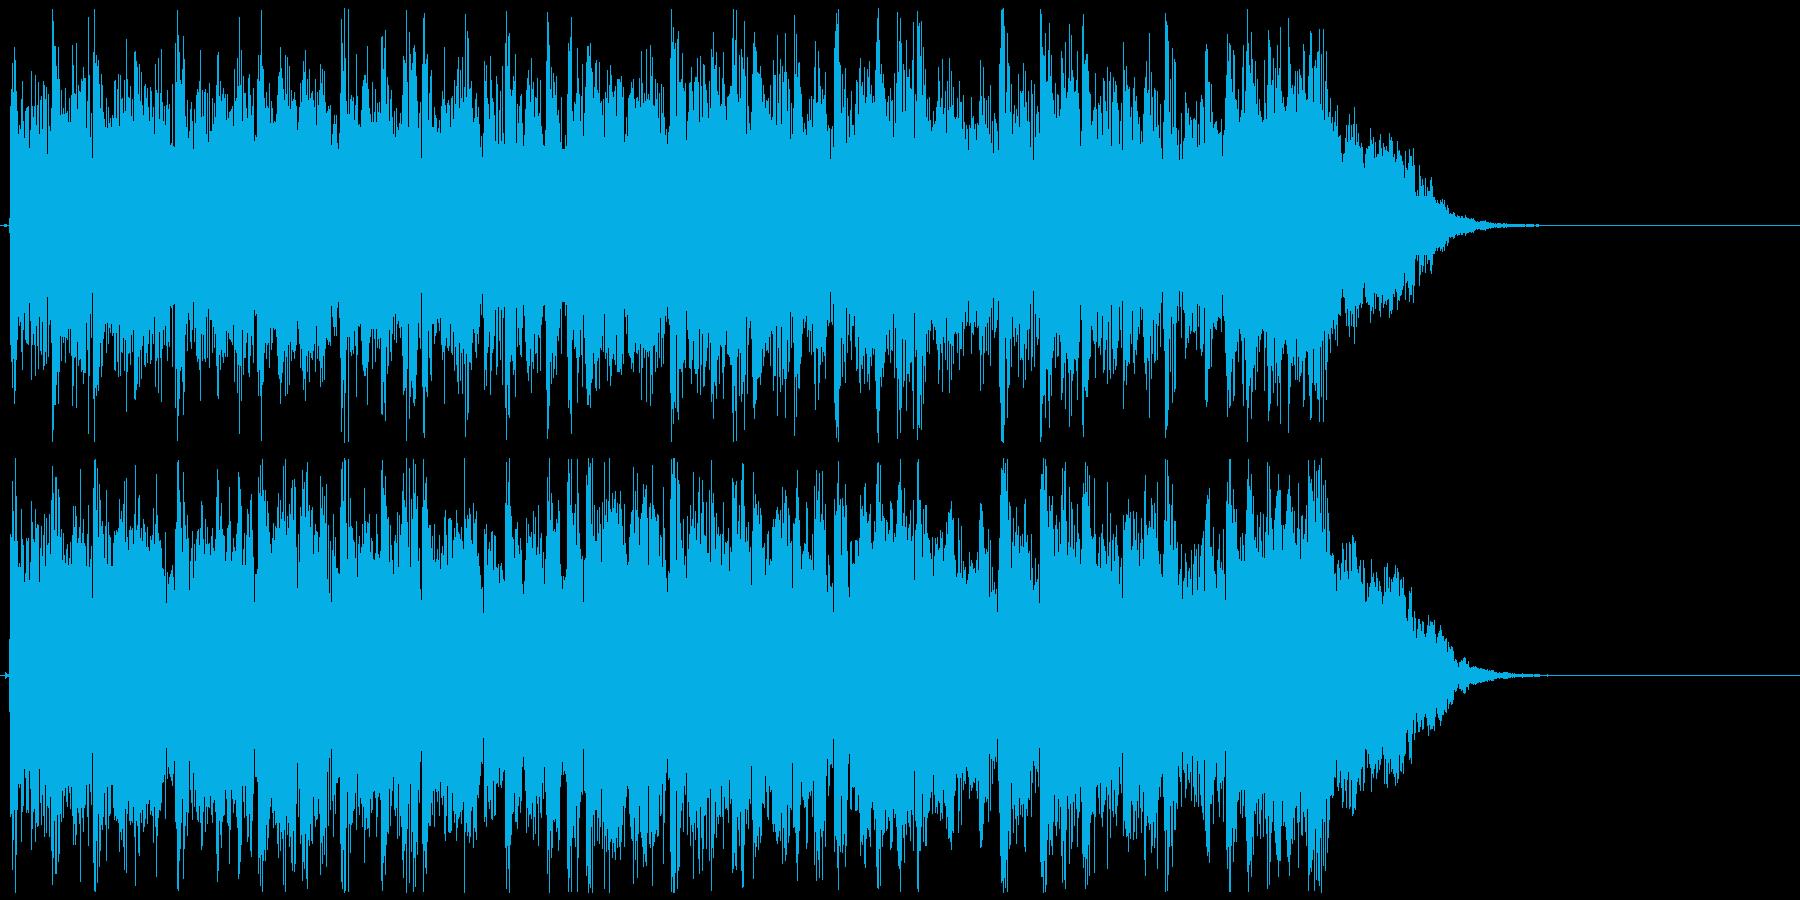 ロック系ドラムンベース◆CM向け15秒曲の再生済みの波形